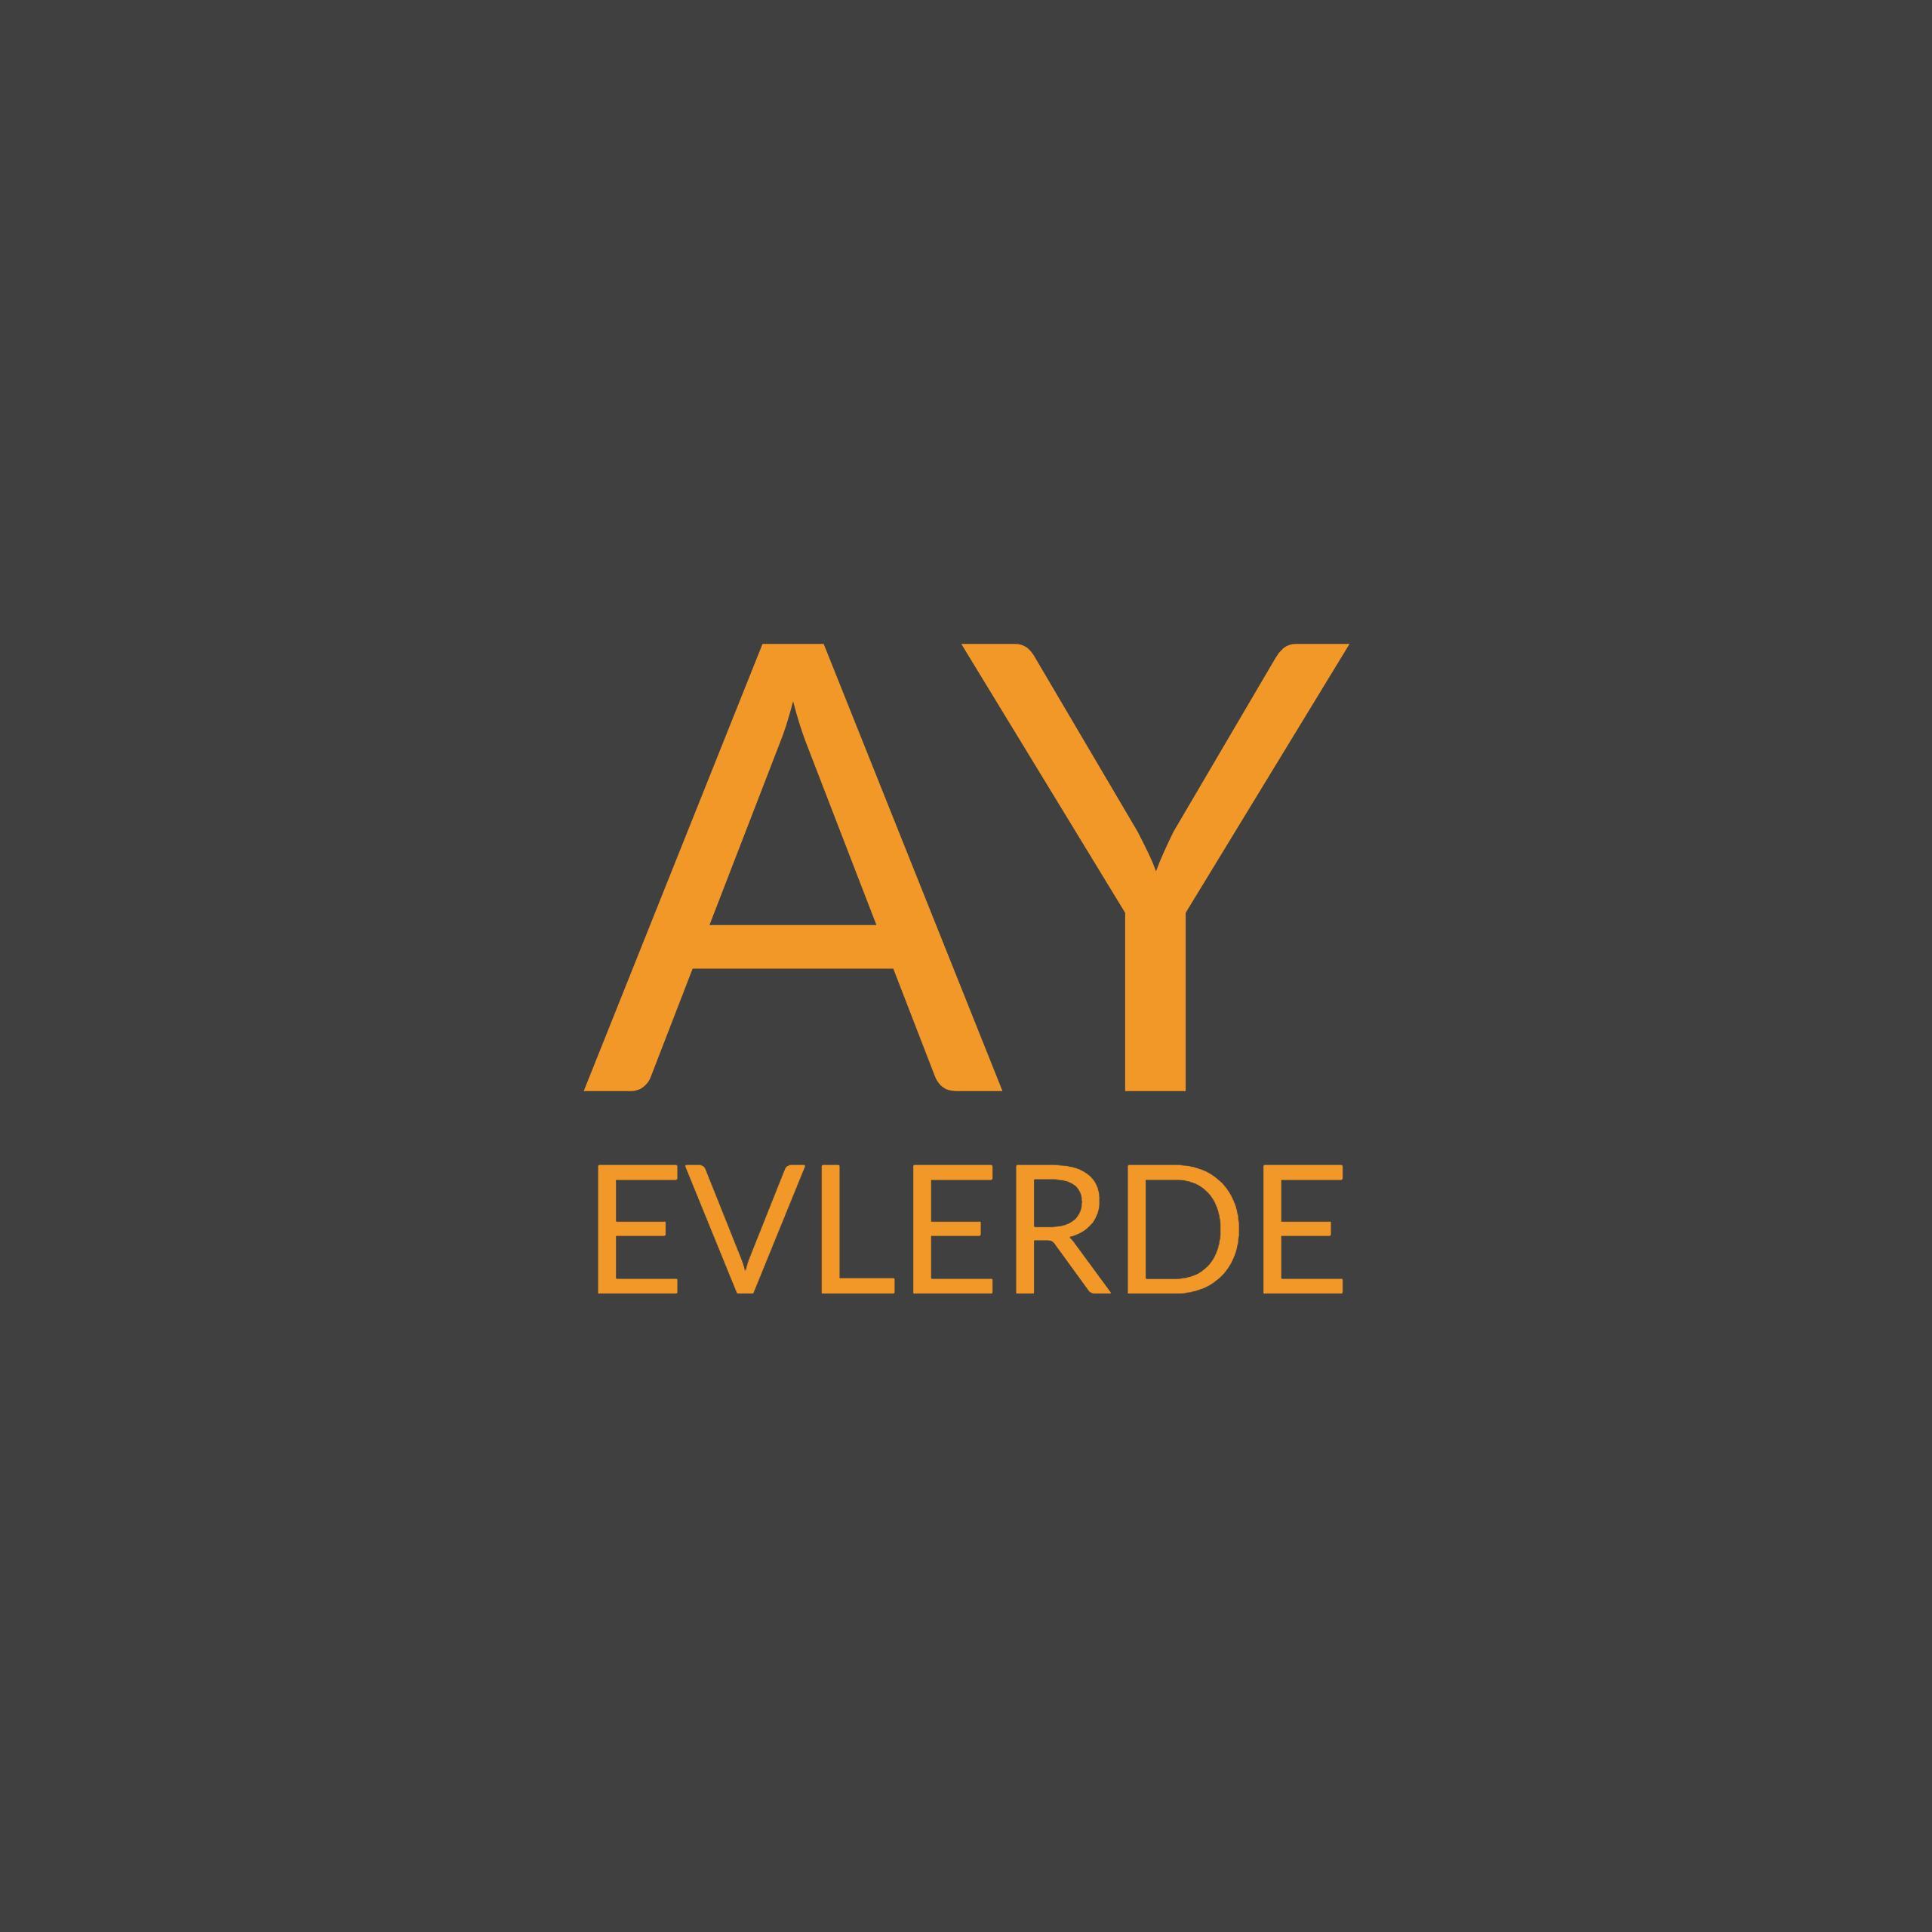 AY EVLERDE_